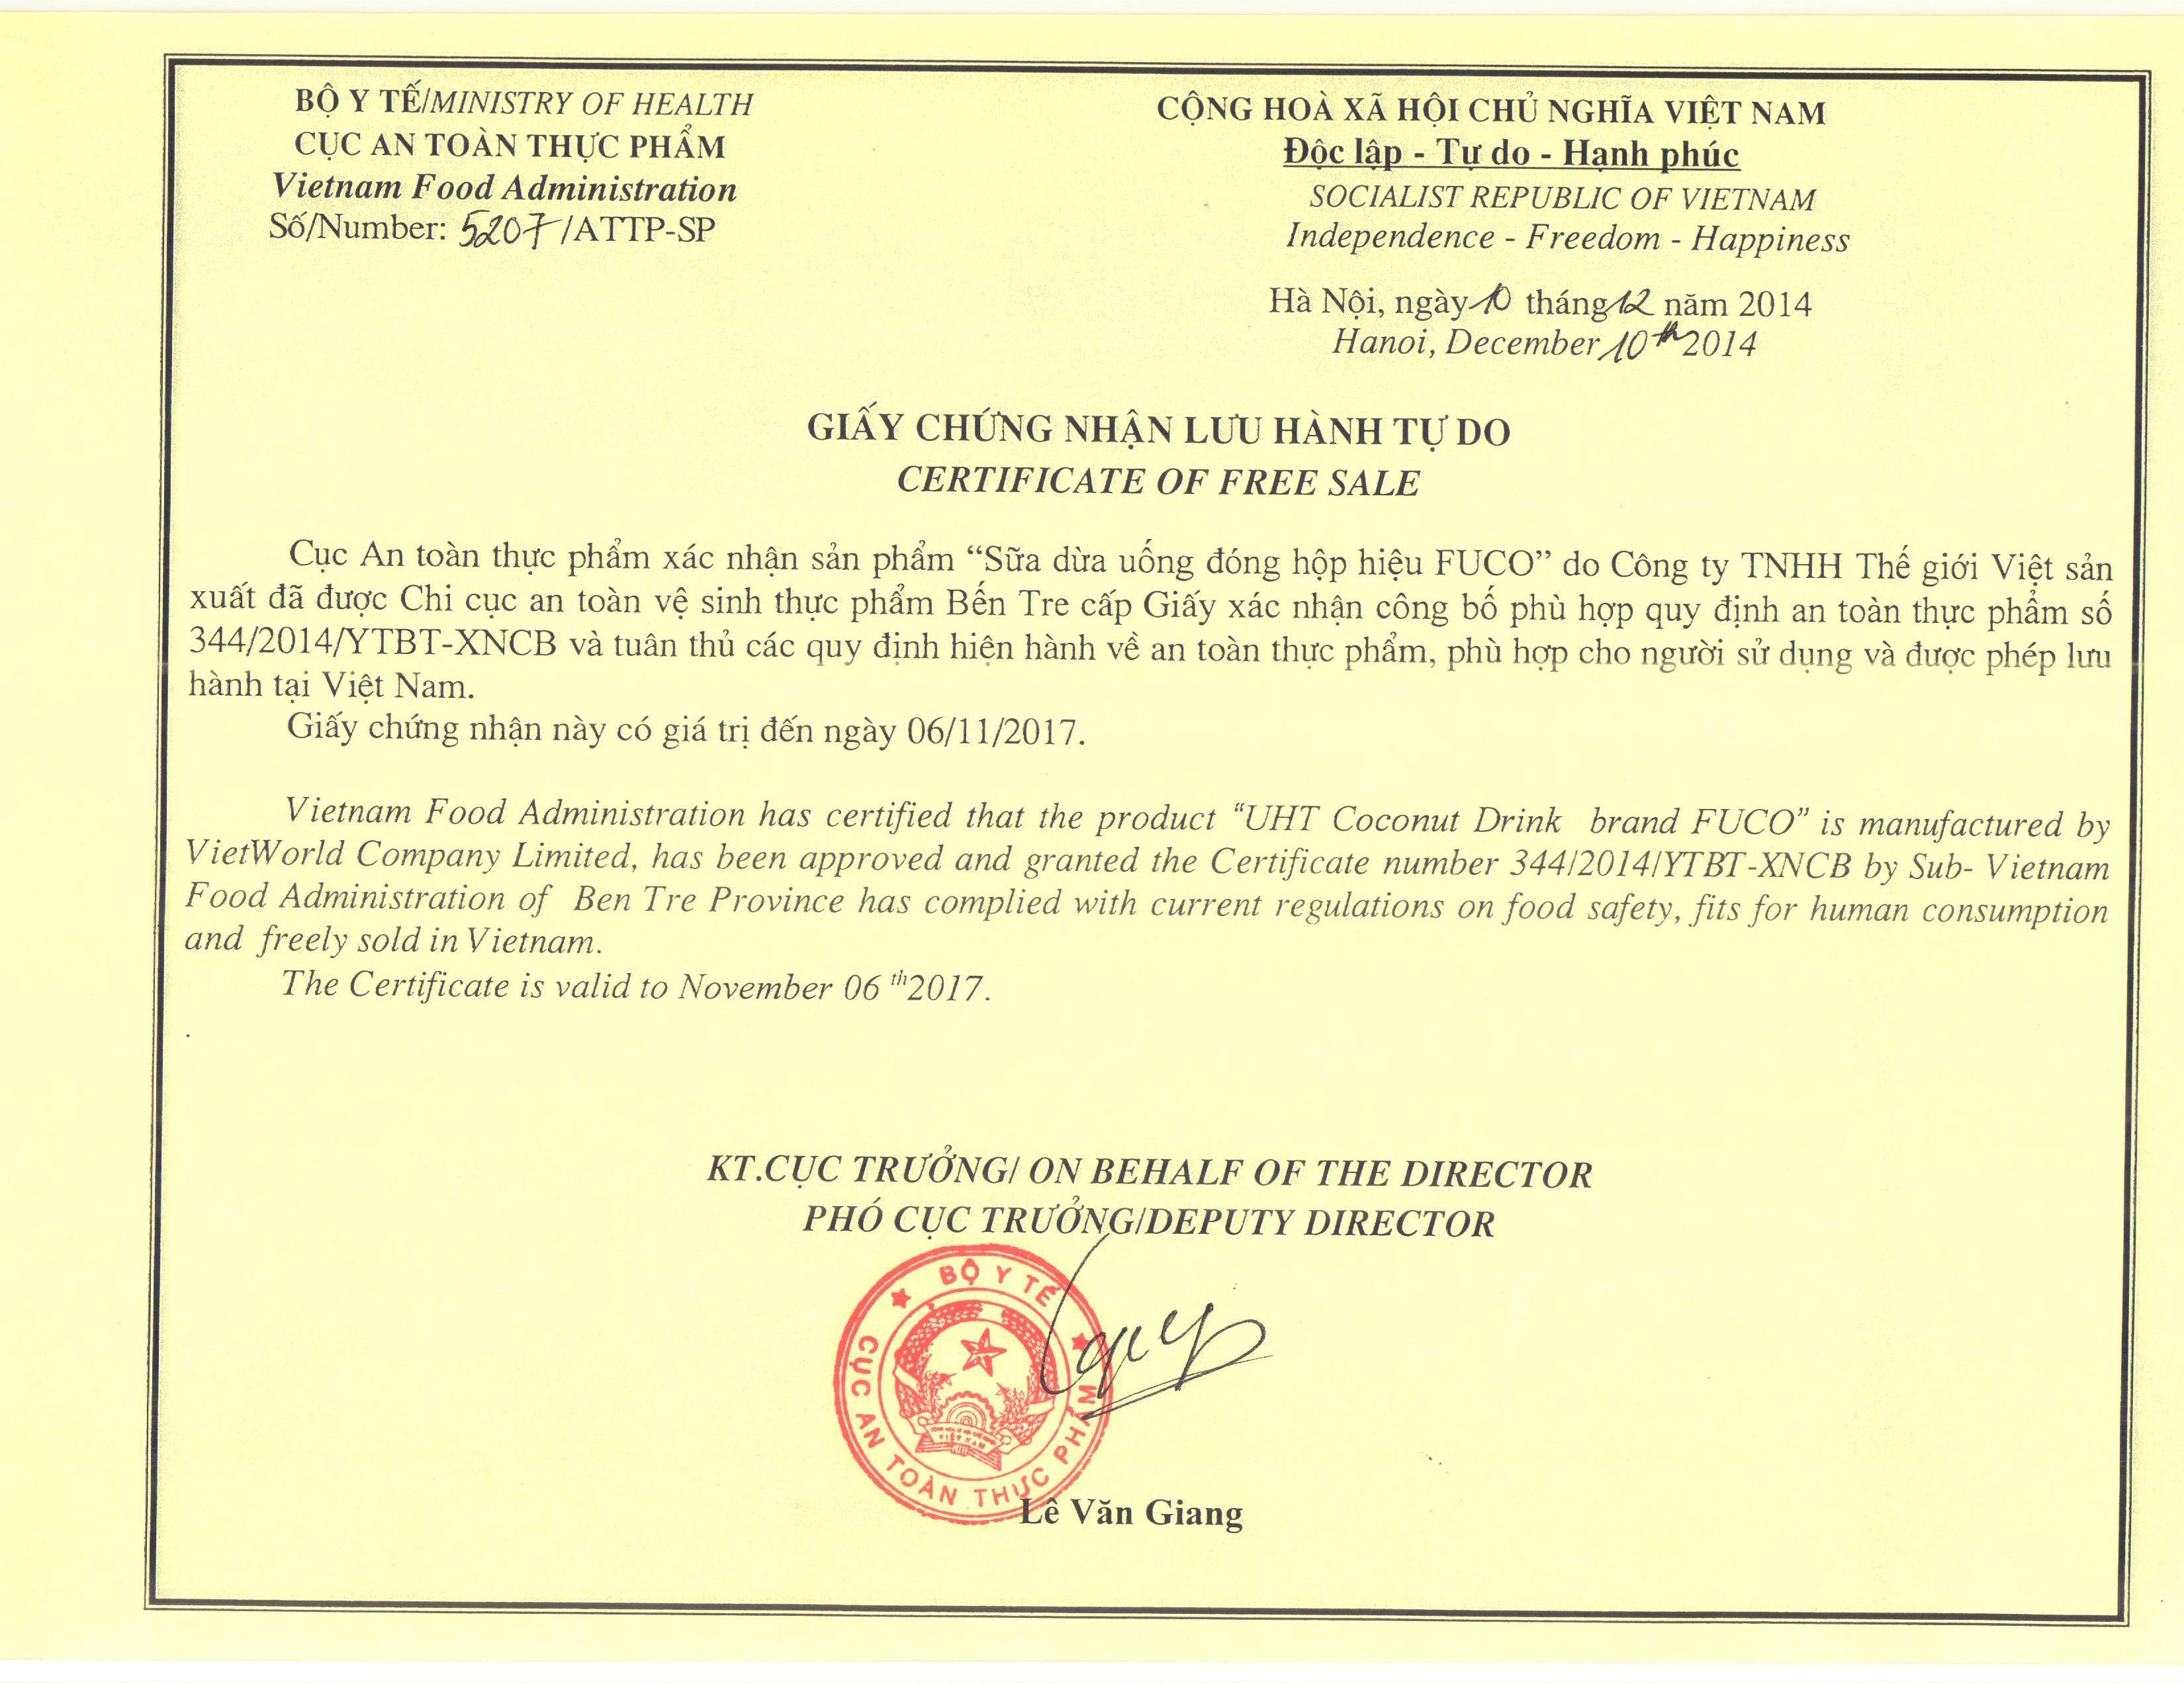 Những điều cần biết về giấy phép lưu hành tự do sản phẩm ( ảnh C.A.O)